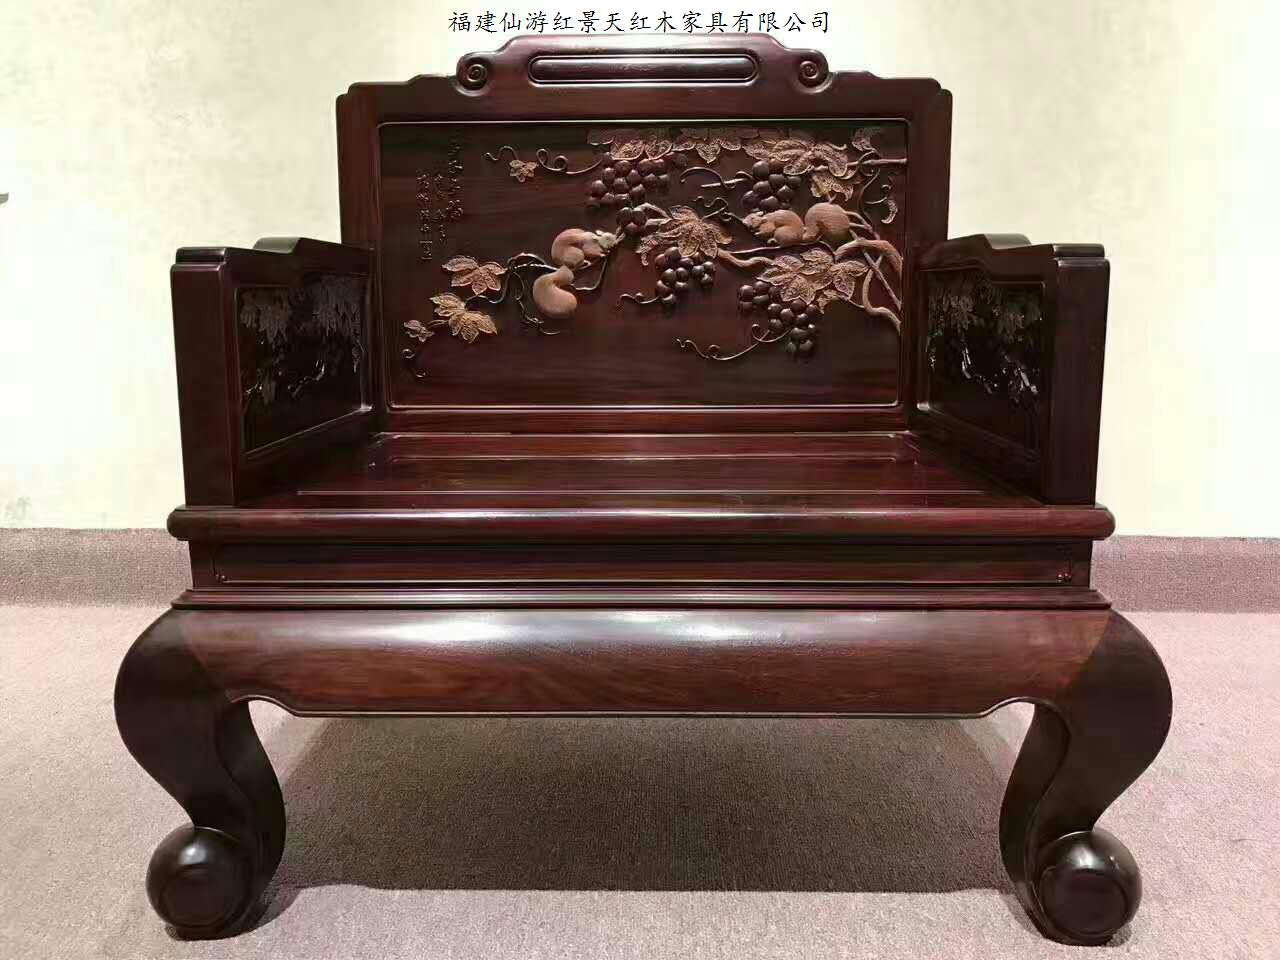 厂家红景天红木家具厂 ,根据故宫提供的图纸选用赞比亚血檀木,仿明清